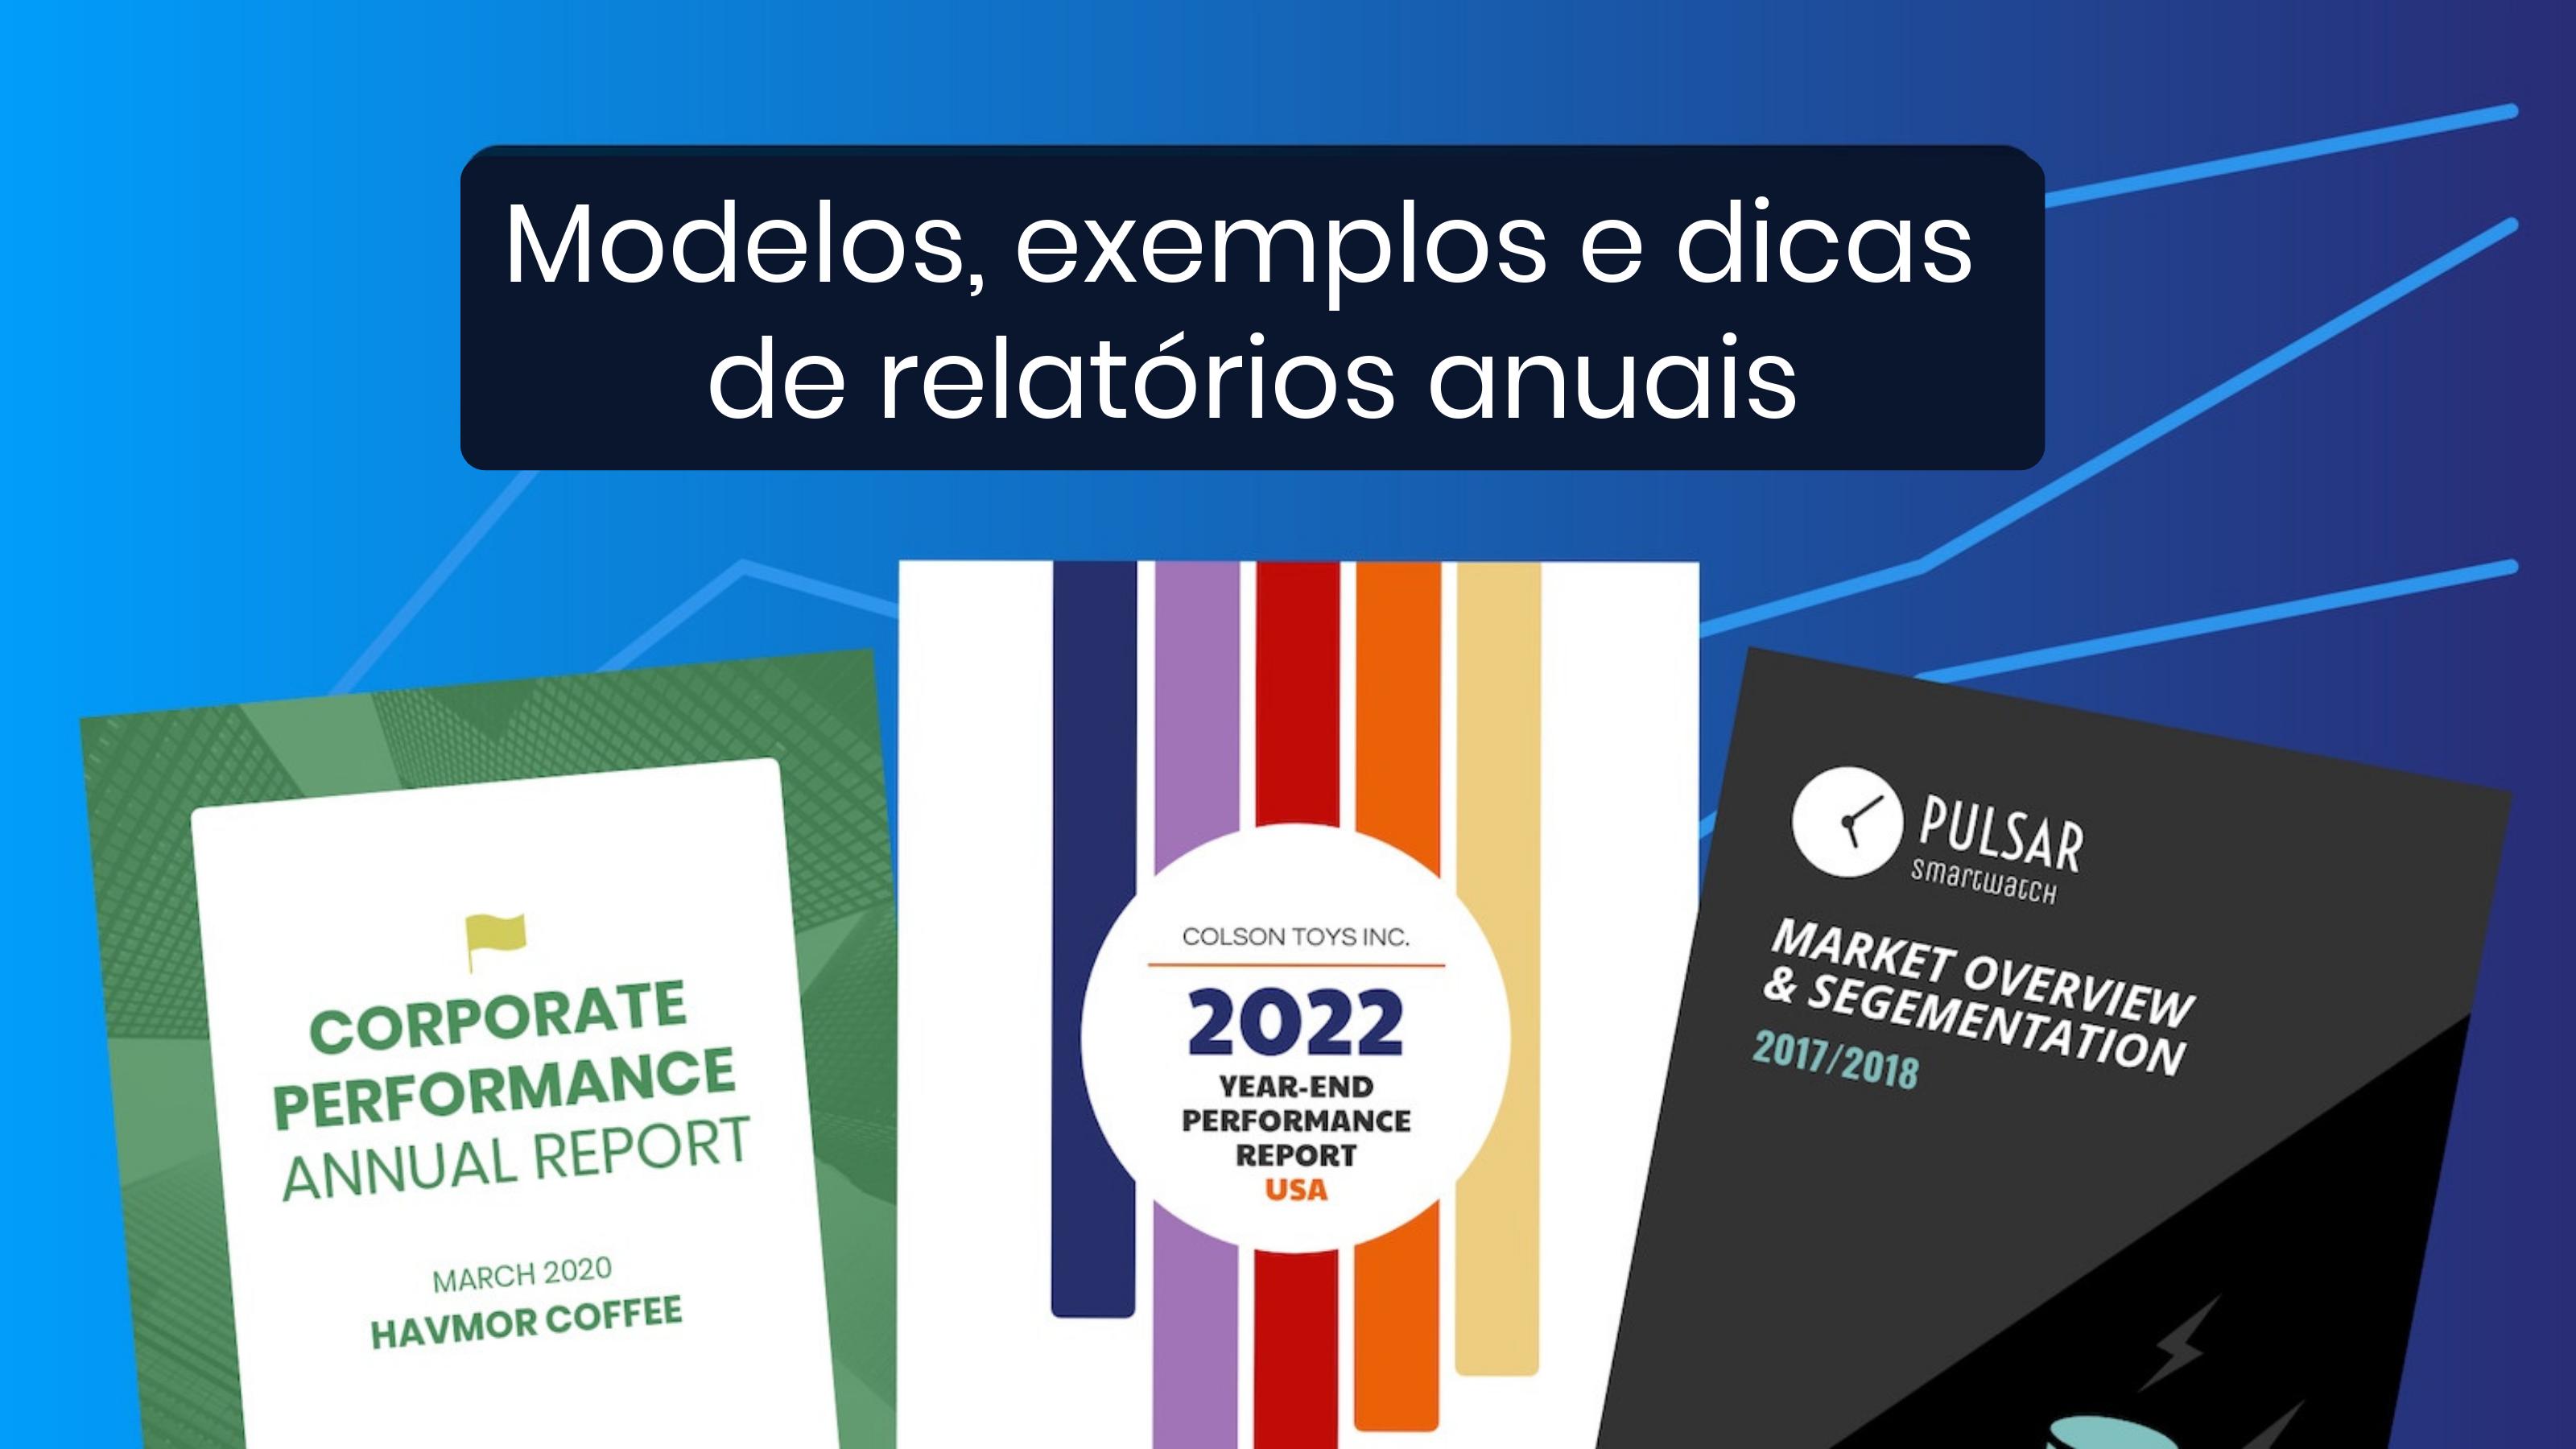 Modelos, exemplos e dicas de relatórios anuais